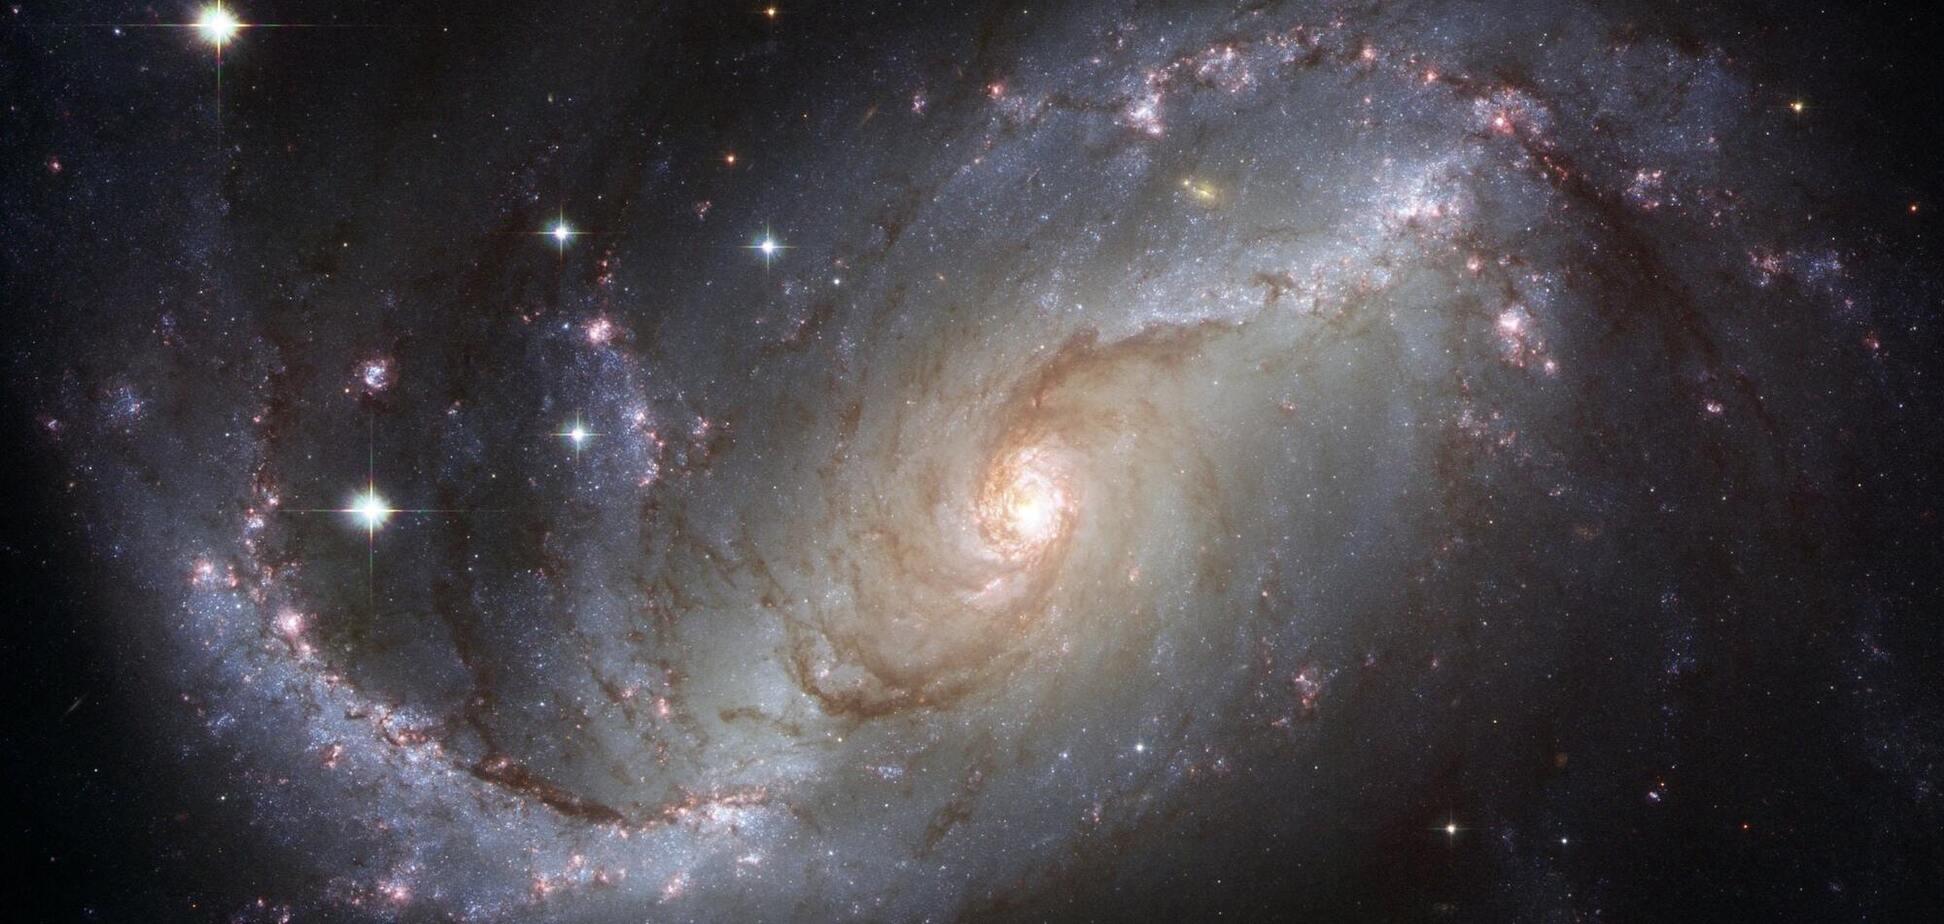 Ученые поймали сигнал от слияния черных дыр в космосе. Источник: pexels.com